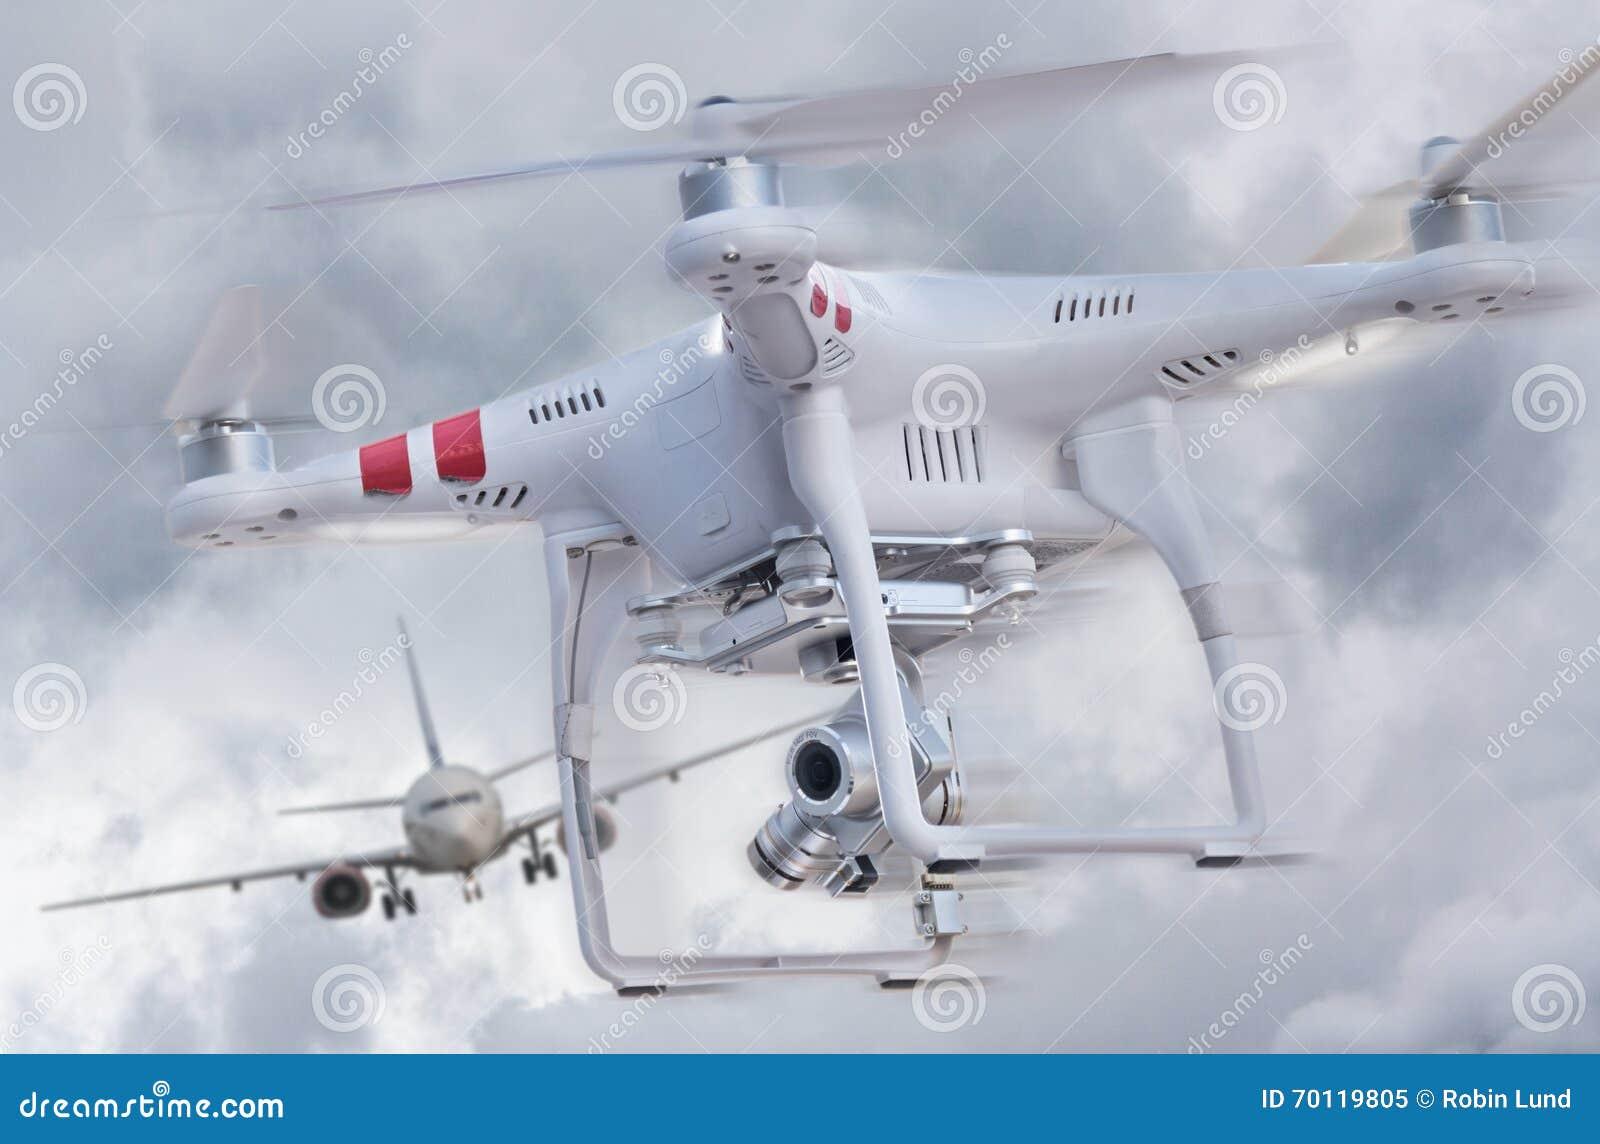 Brummen und Flugzeug